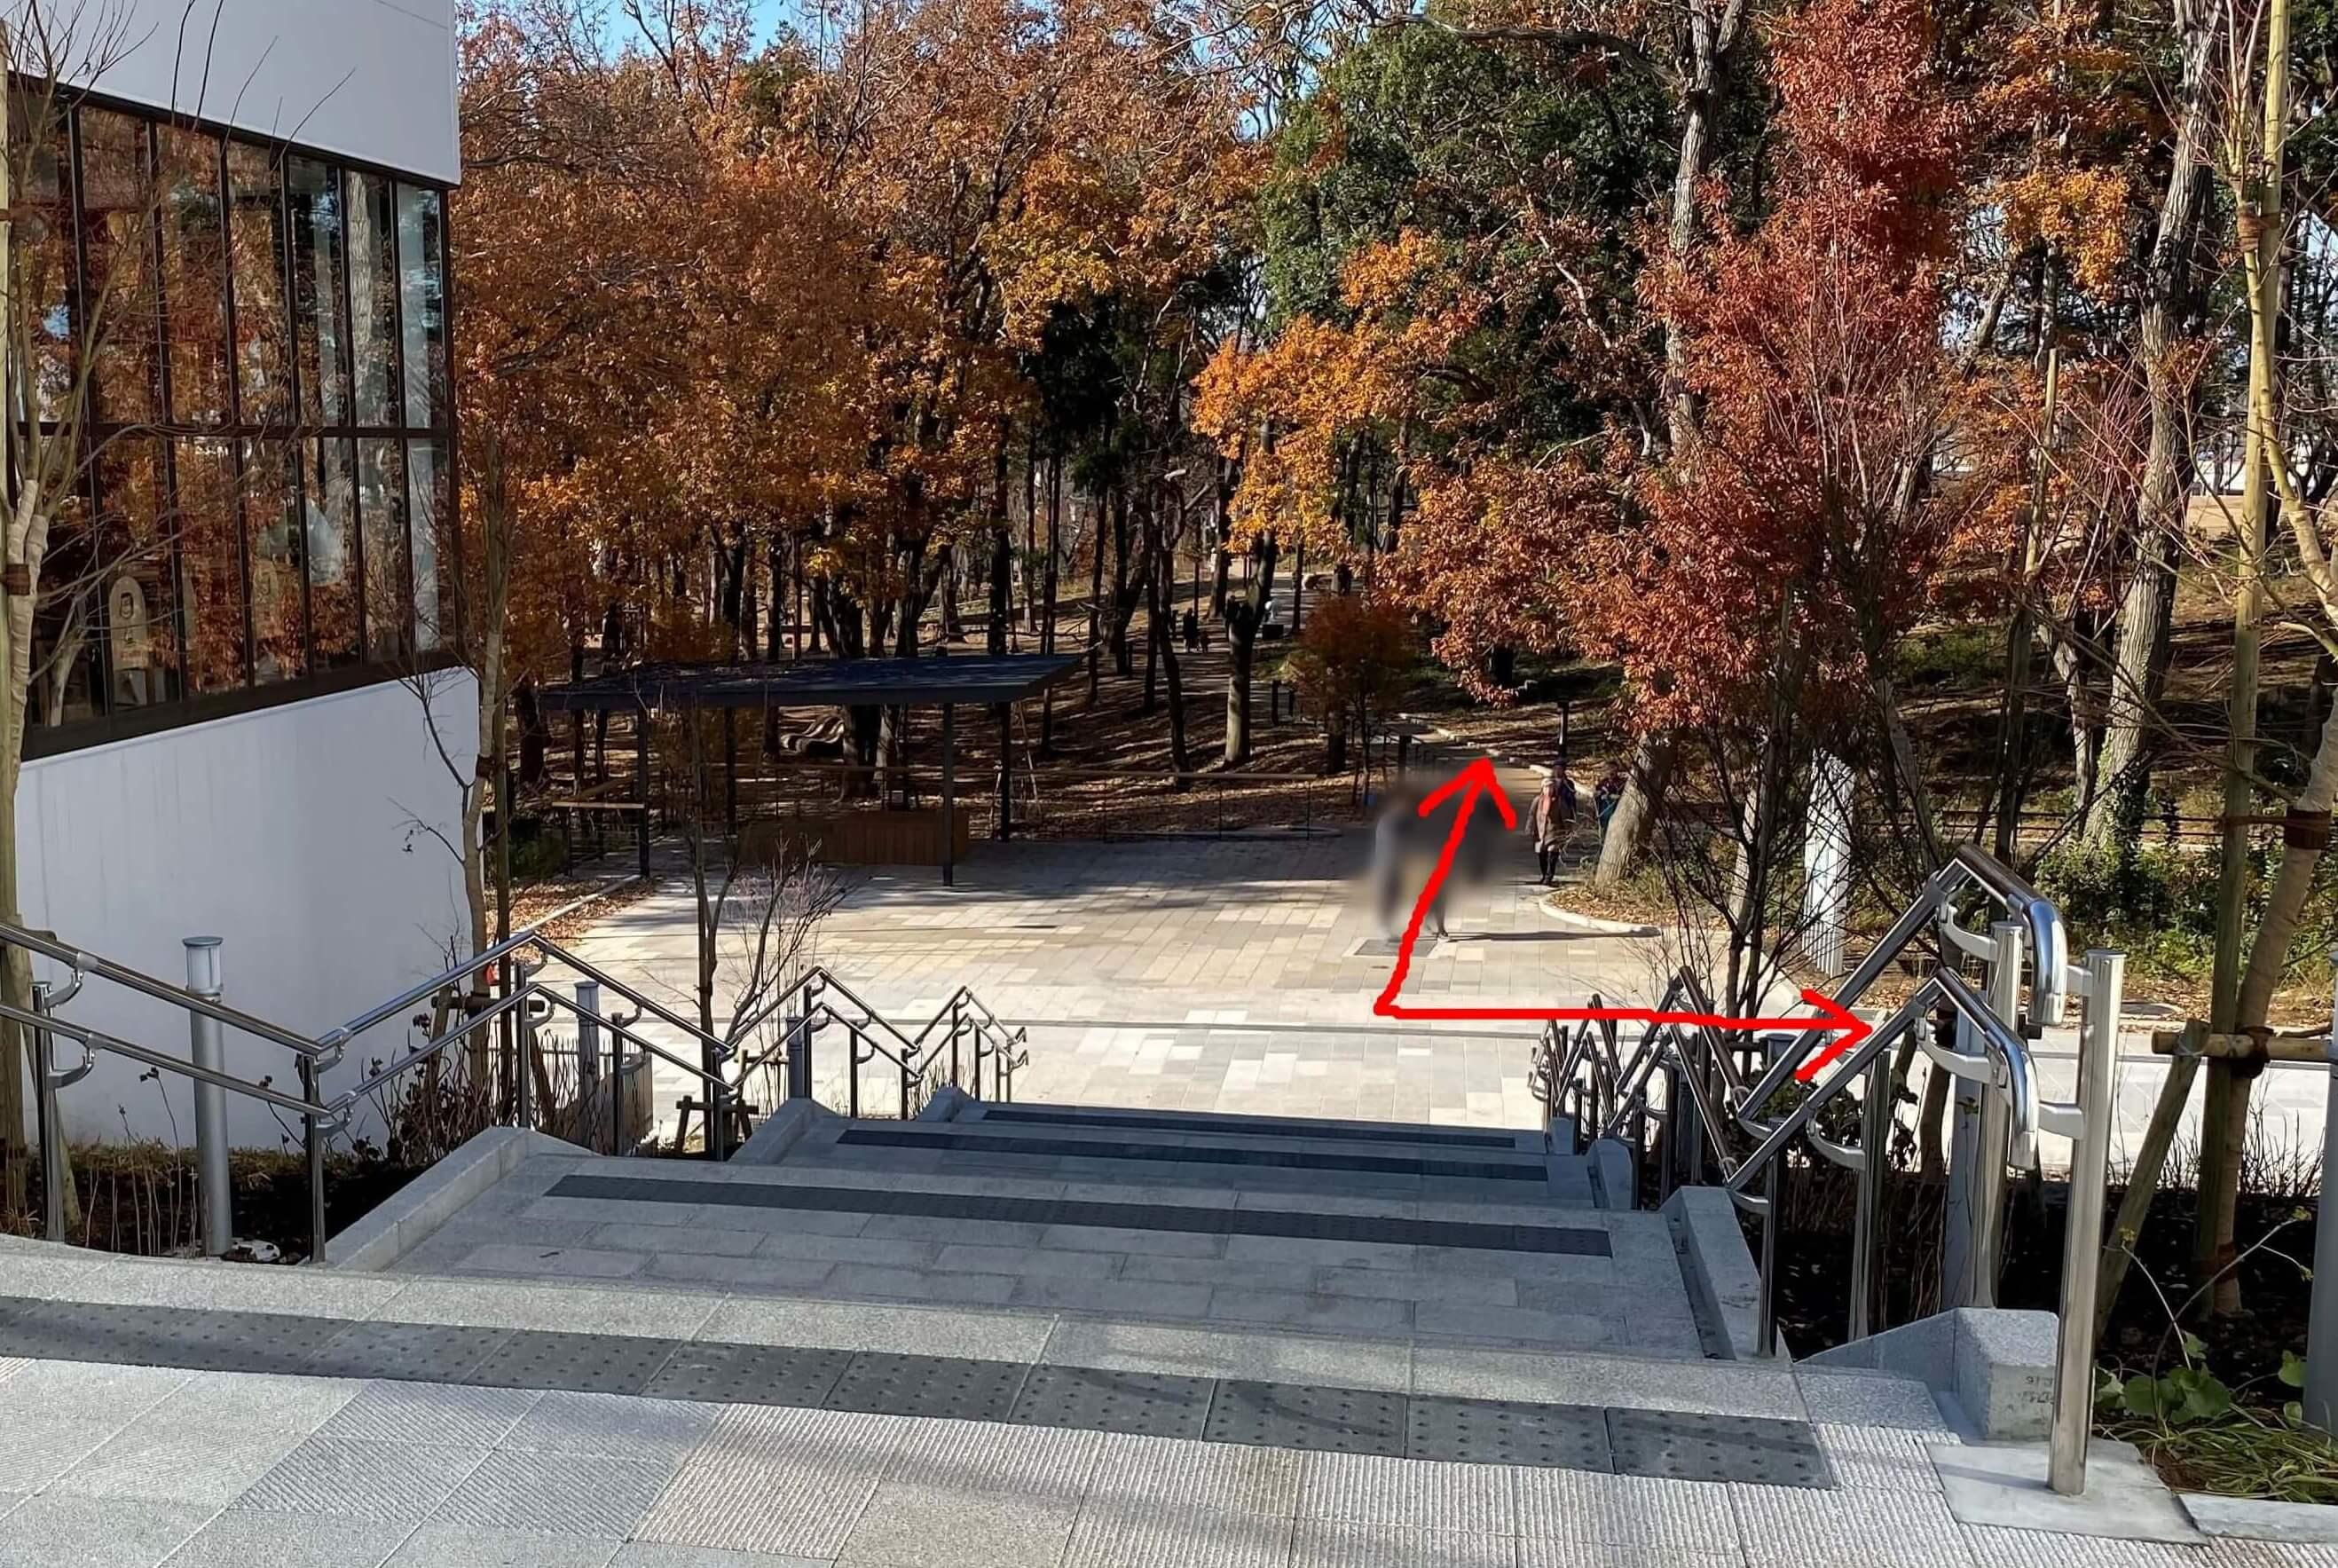 南町田グランべリパークにあるスヌーピー像はどこ